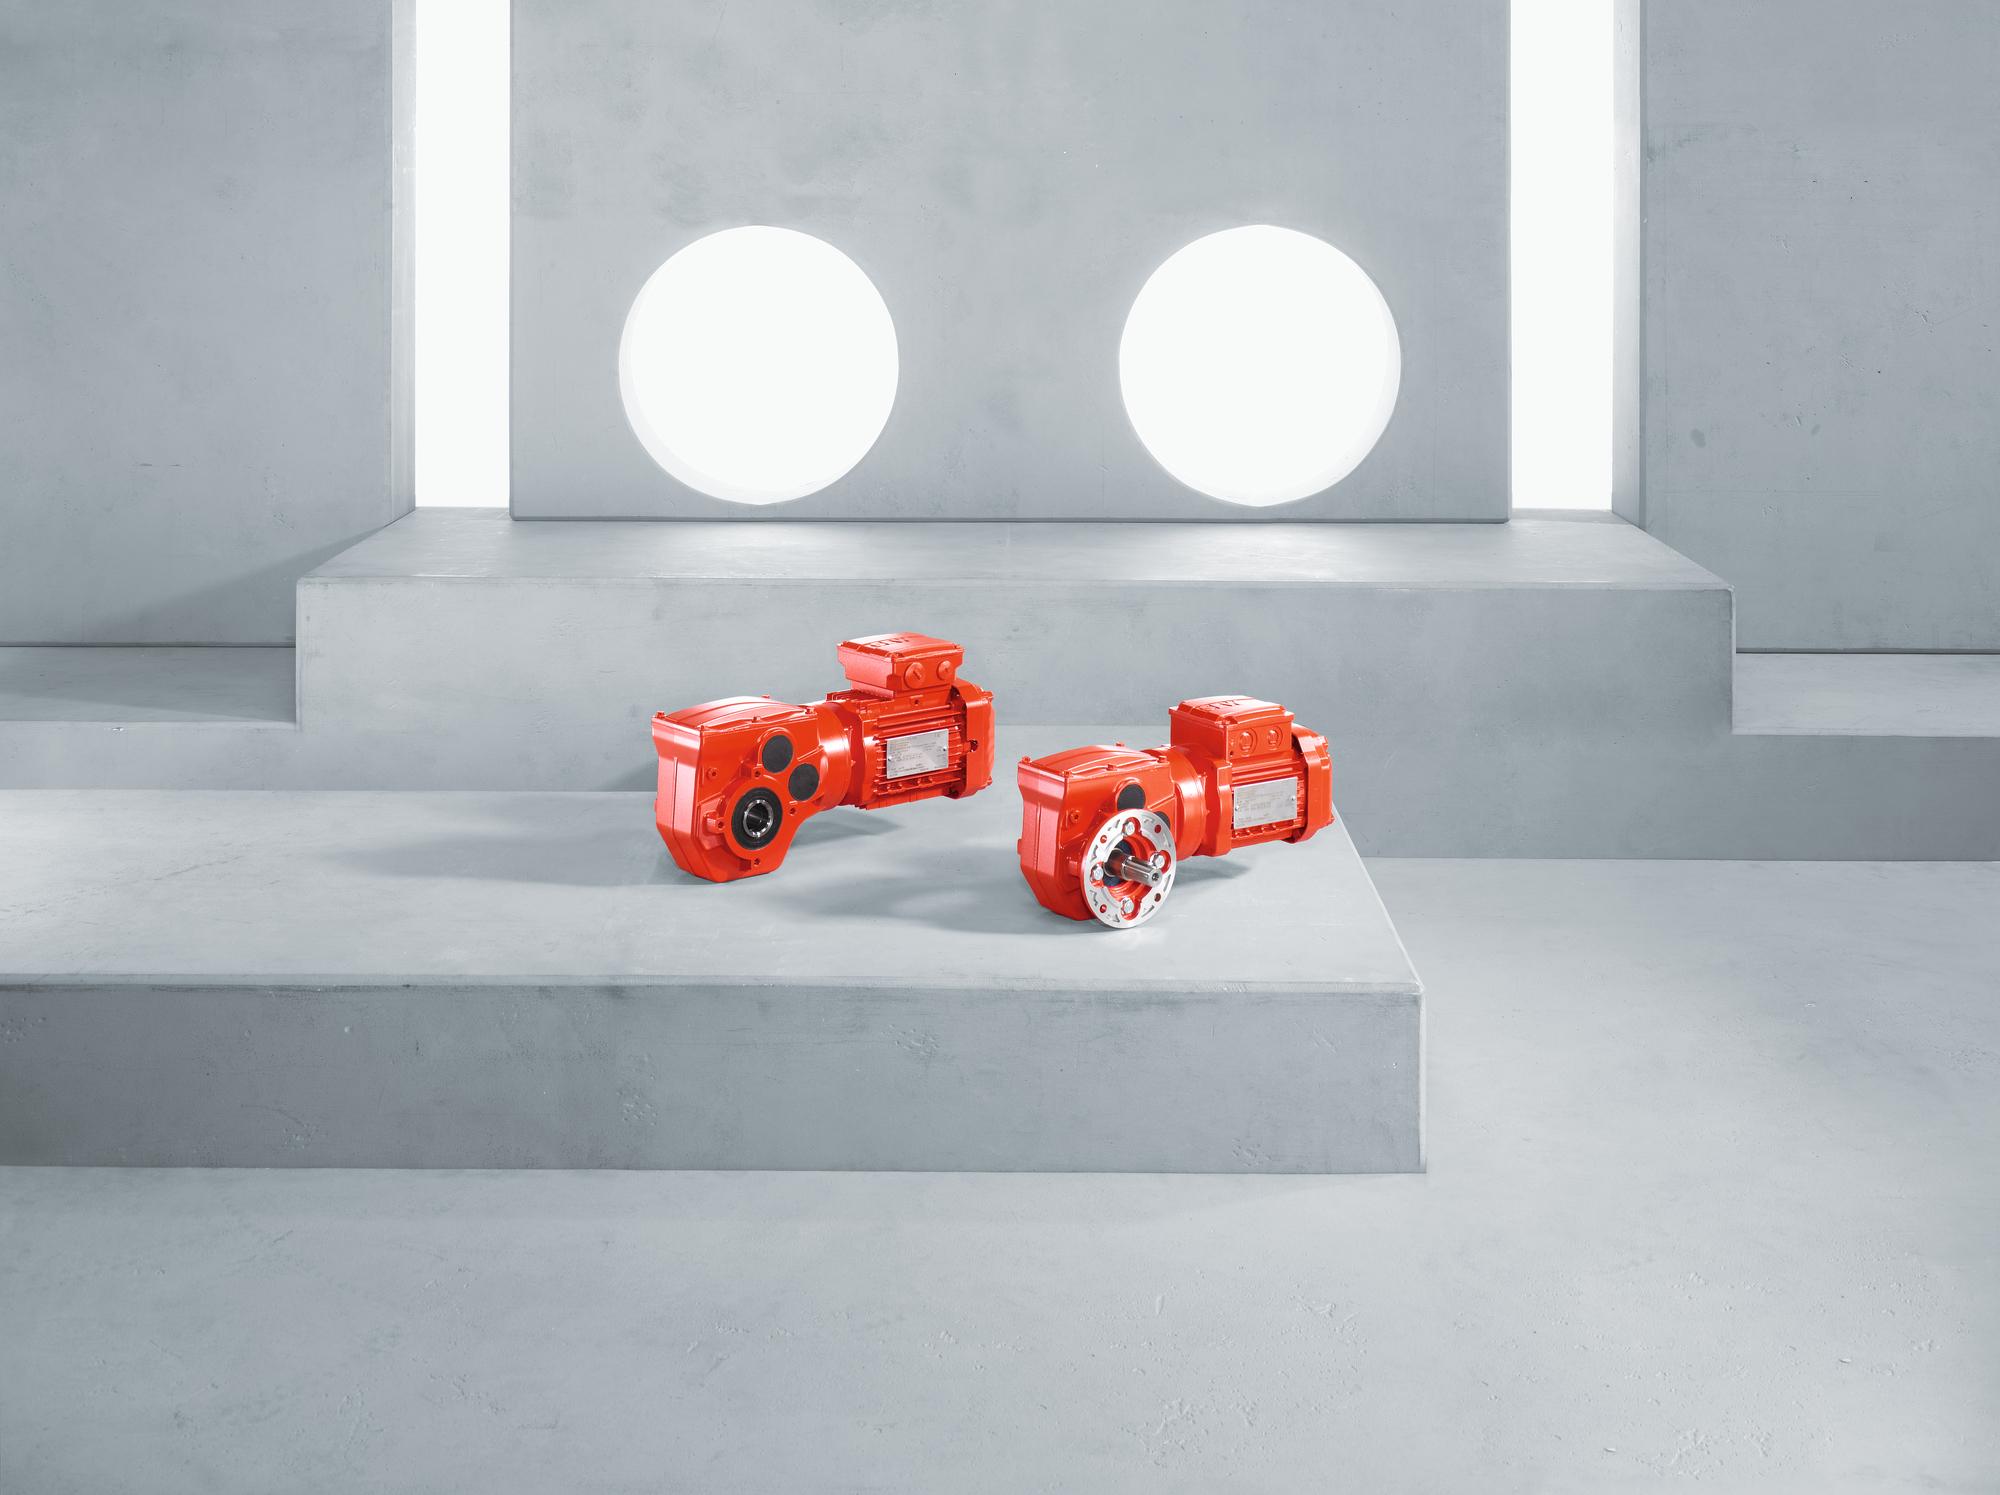 SEW stellt neue Getriebe-Baureihe vor